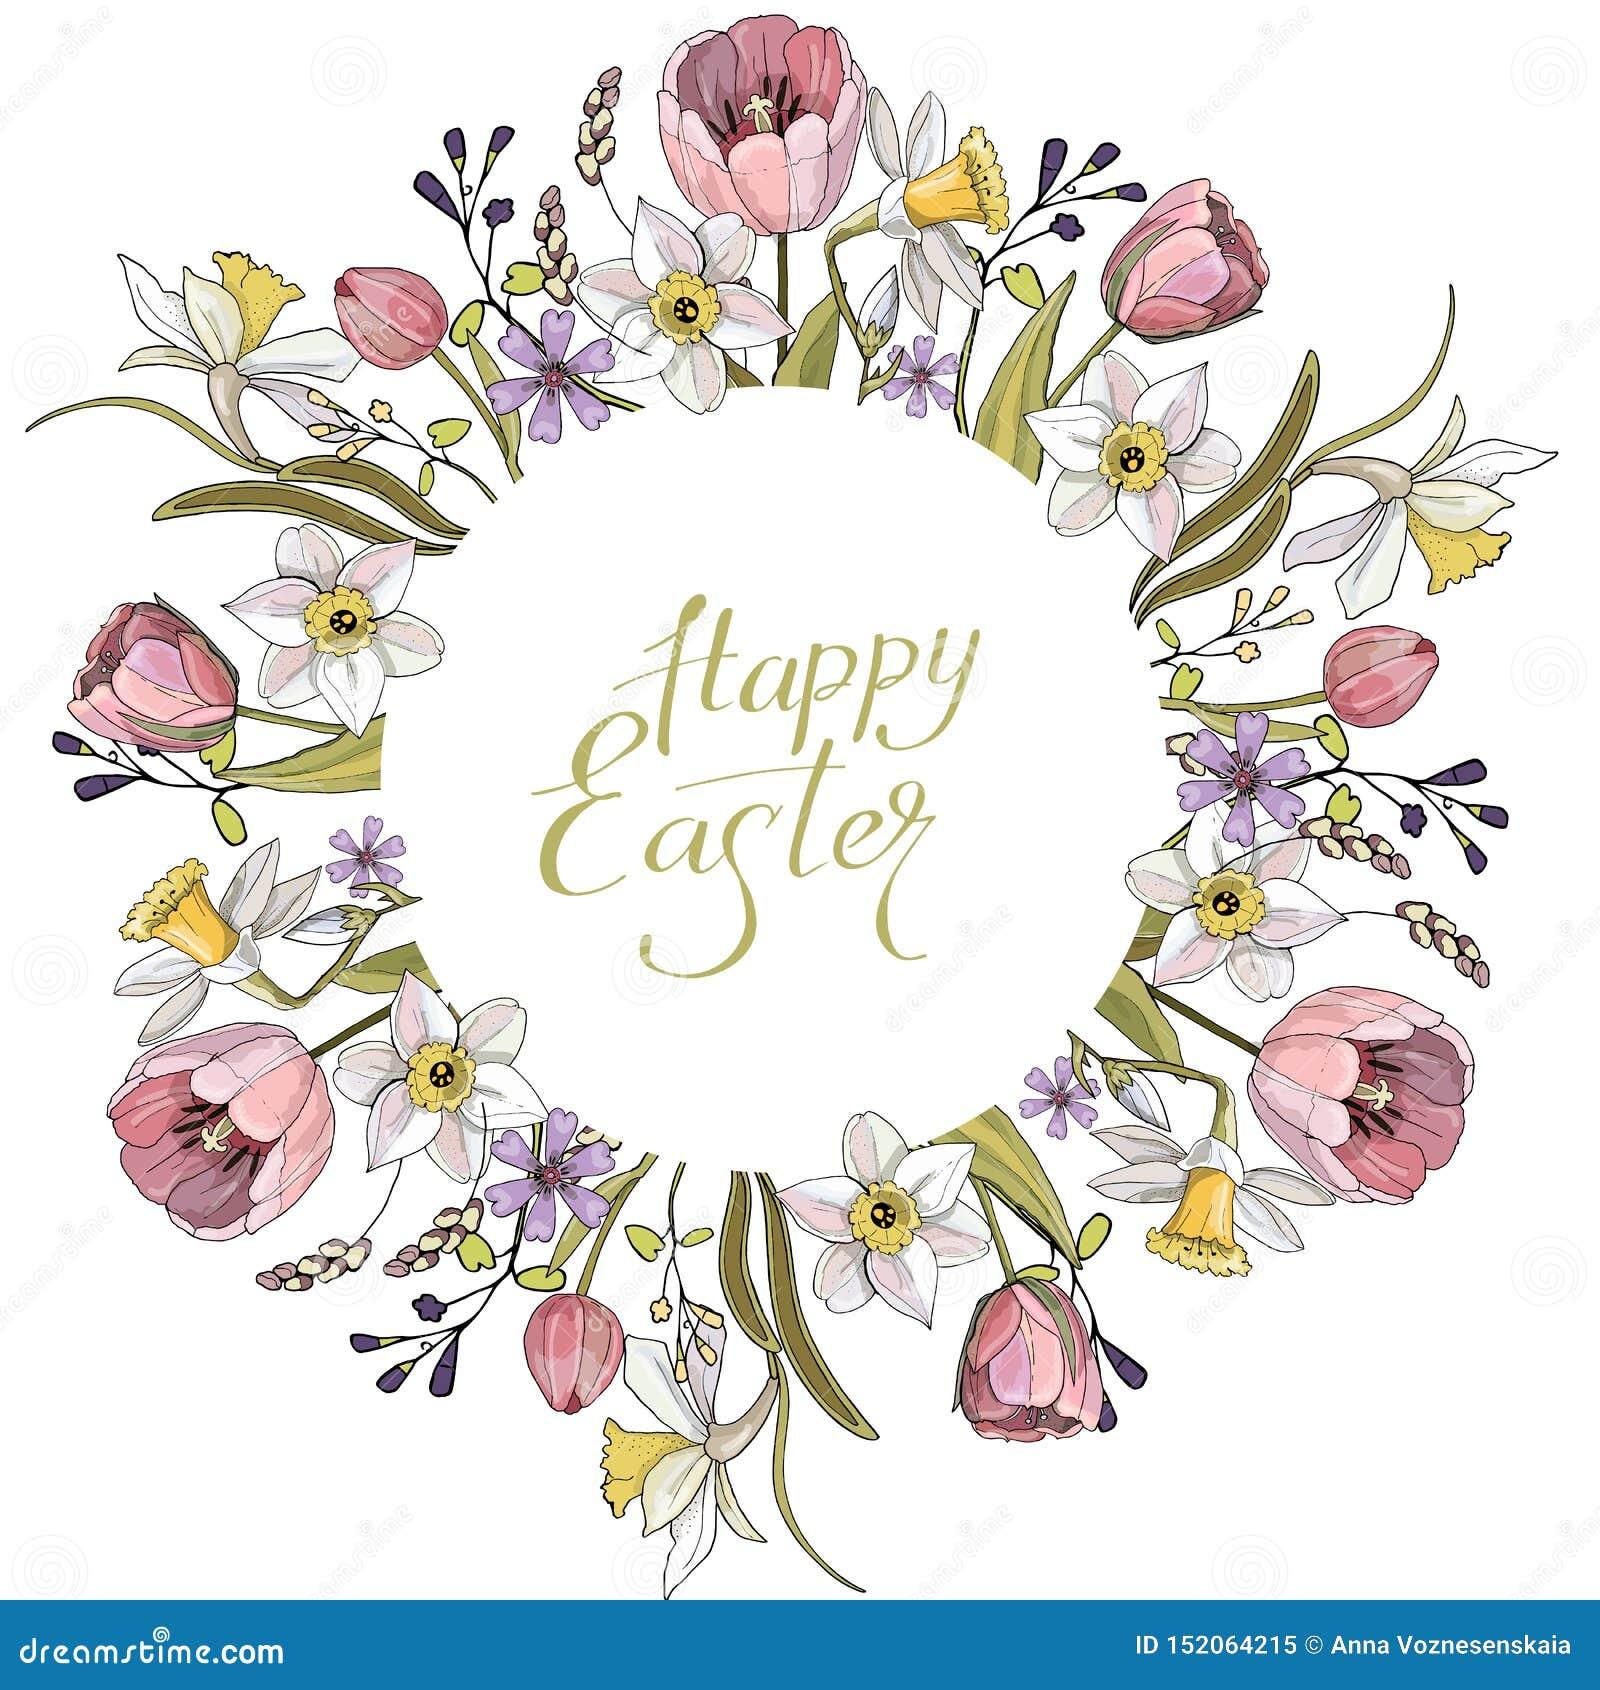 De lentesamenstelling met cirkel en bloemen romantische elementen Tulpen en gele narcissen op witte achtergrond